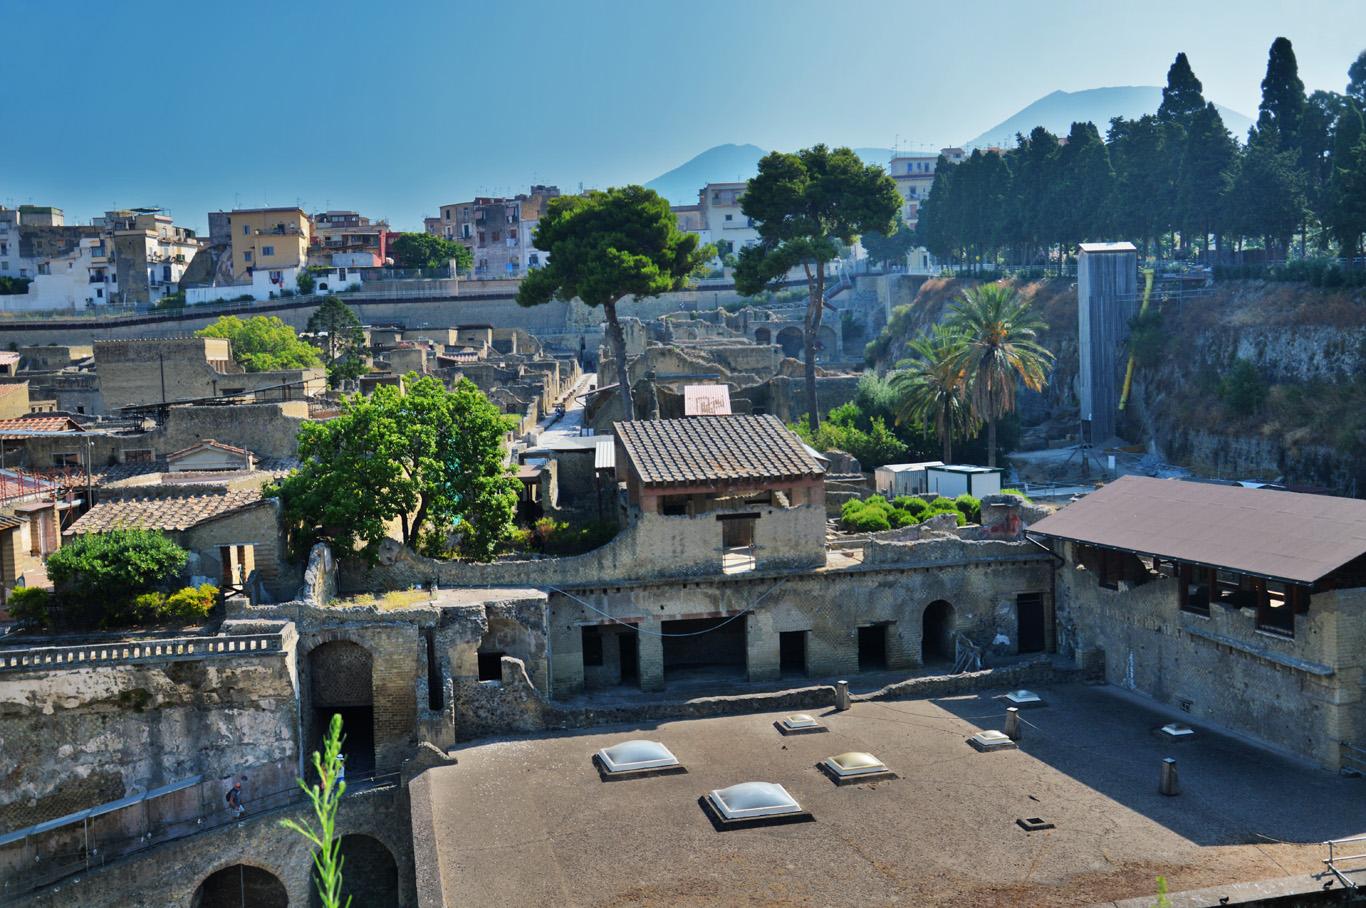 Herculaneum, Mount Vesuvius in the background